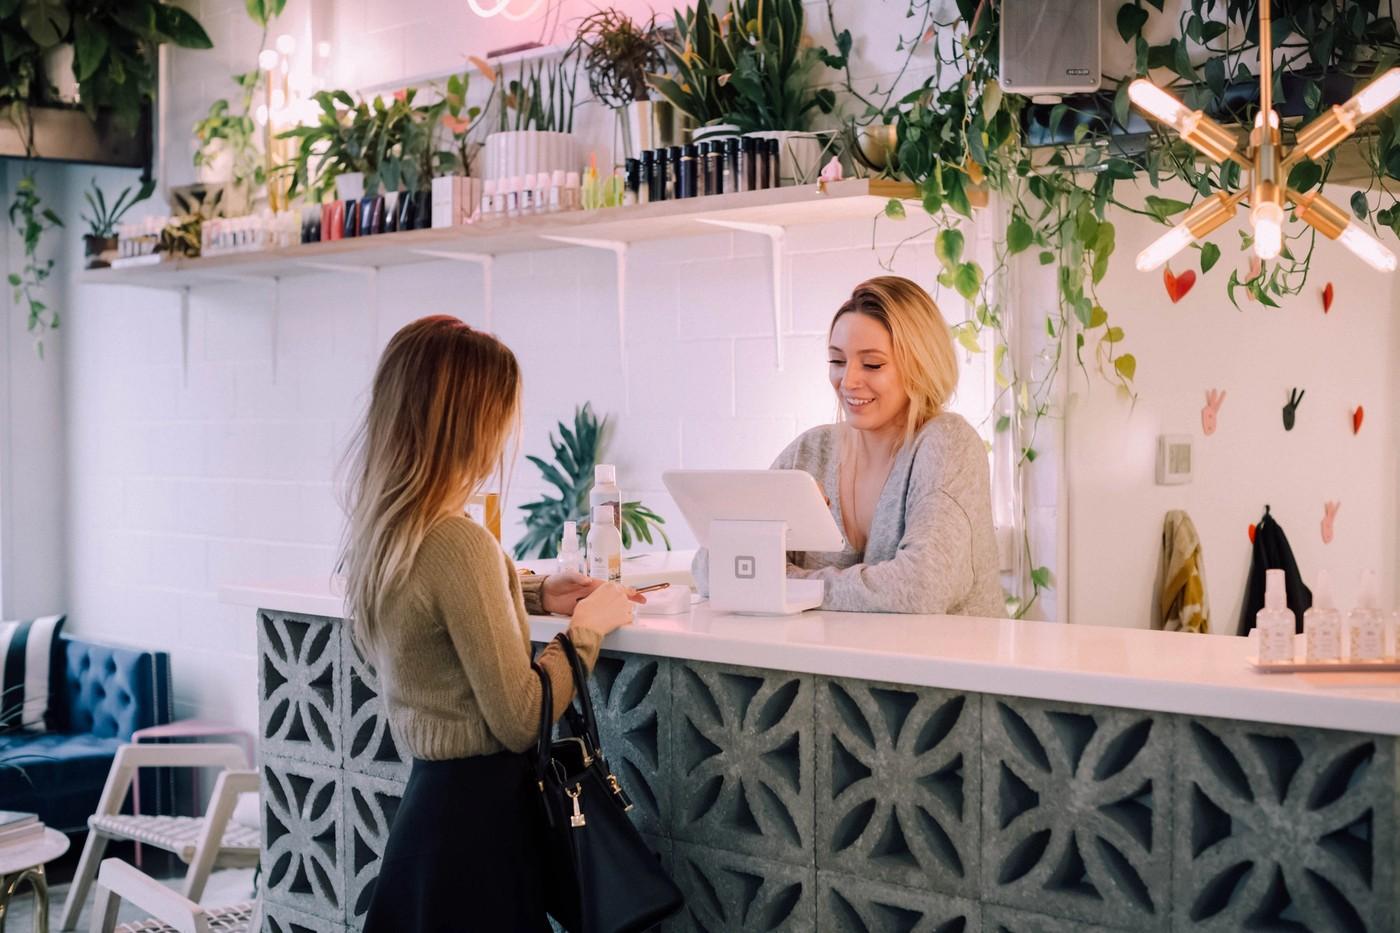 Une femme en train de payer dans un magasin